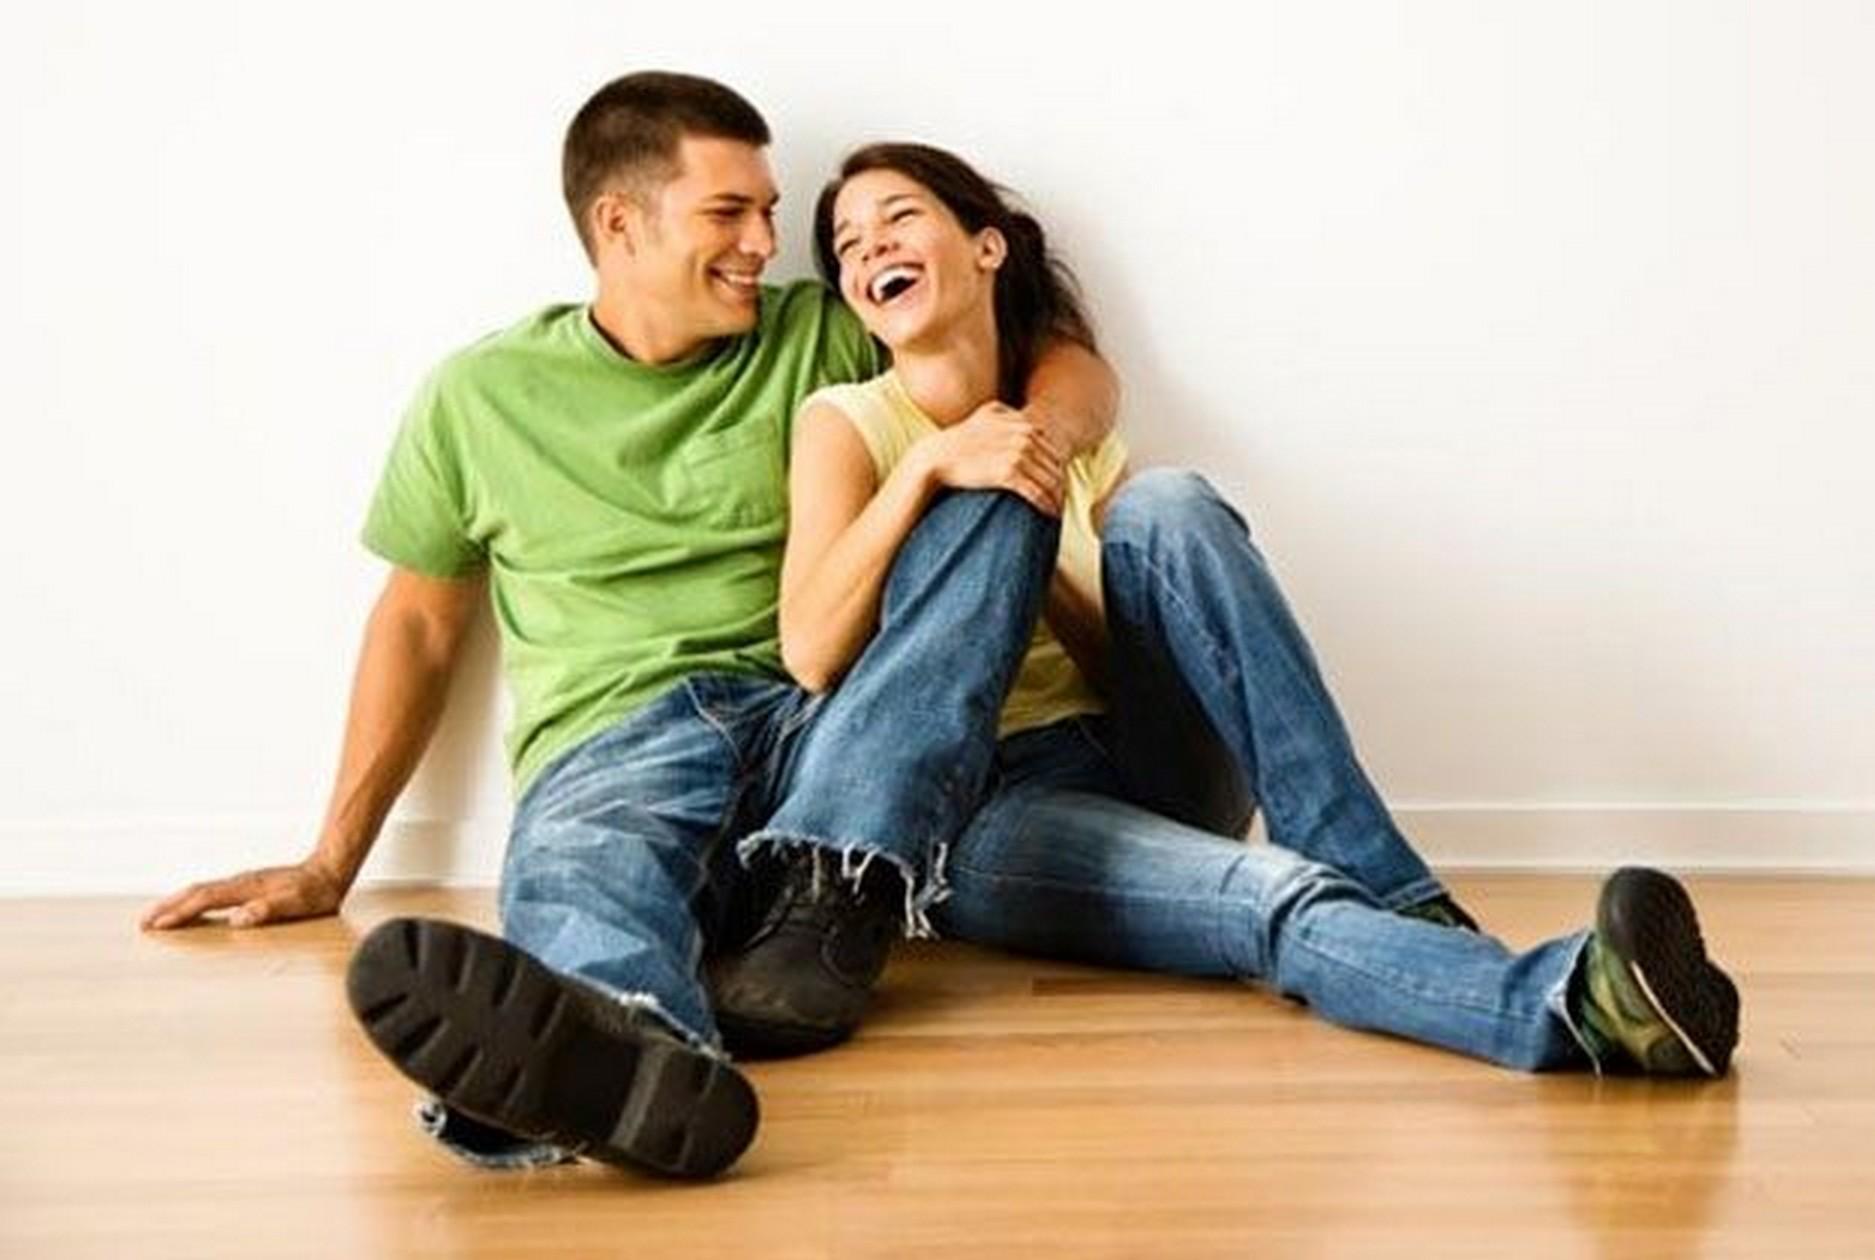 10 Gestos De Que Le Gustas A Una Mujer: 12 Gestos Que Solo Los Hombres Enamorados Tienen. Tu Novio